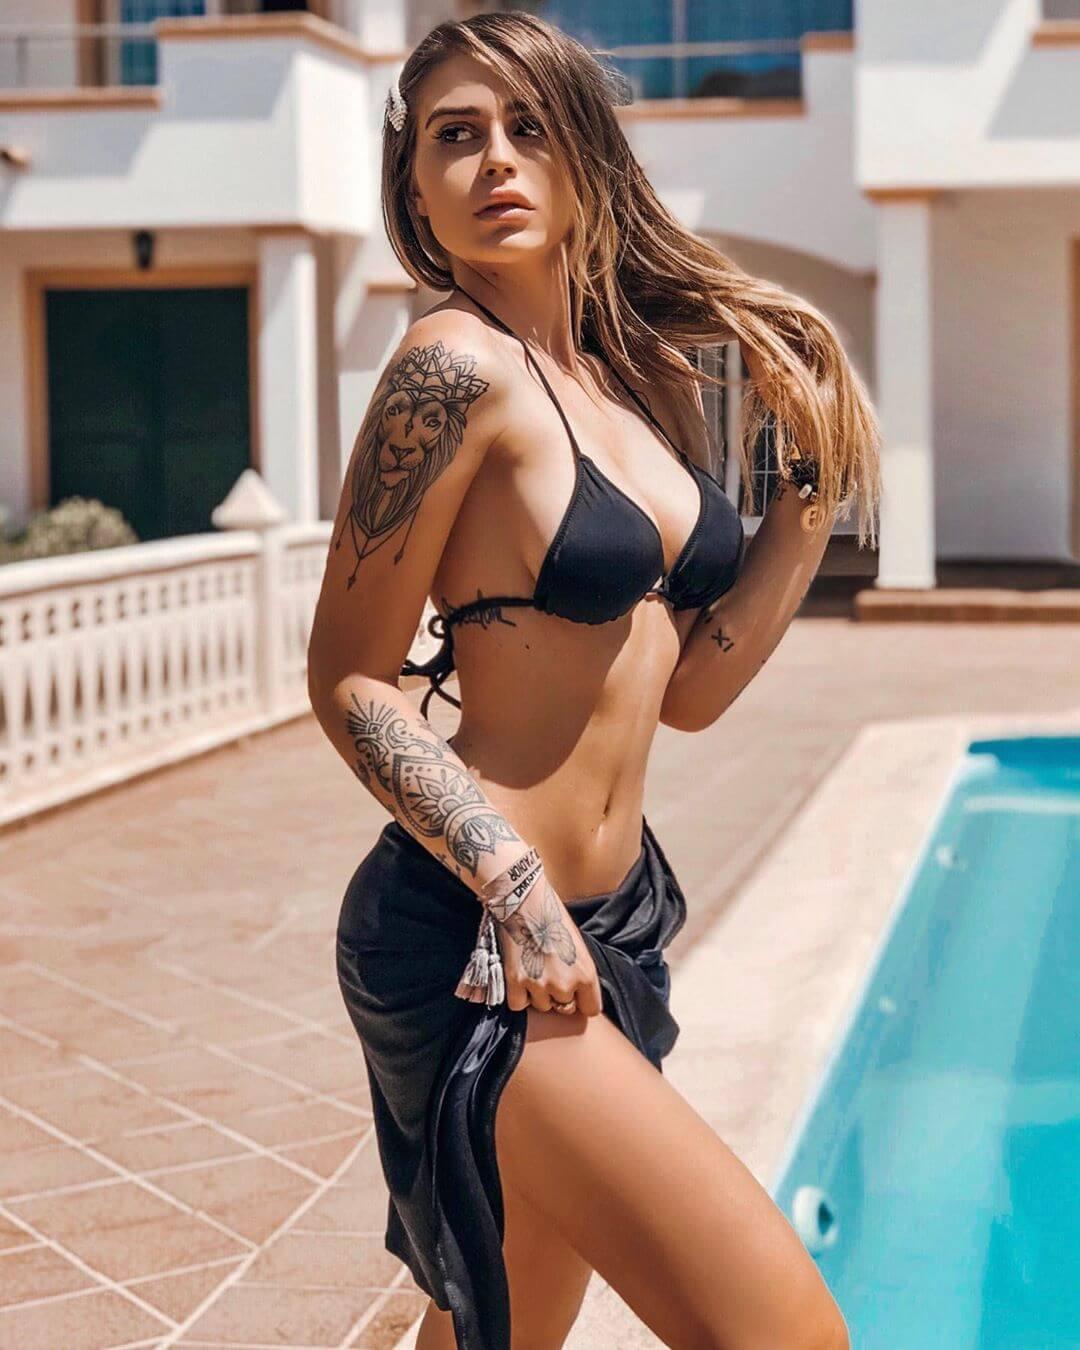 Ginevra Lambruschi sexy bikini pics (3)